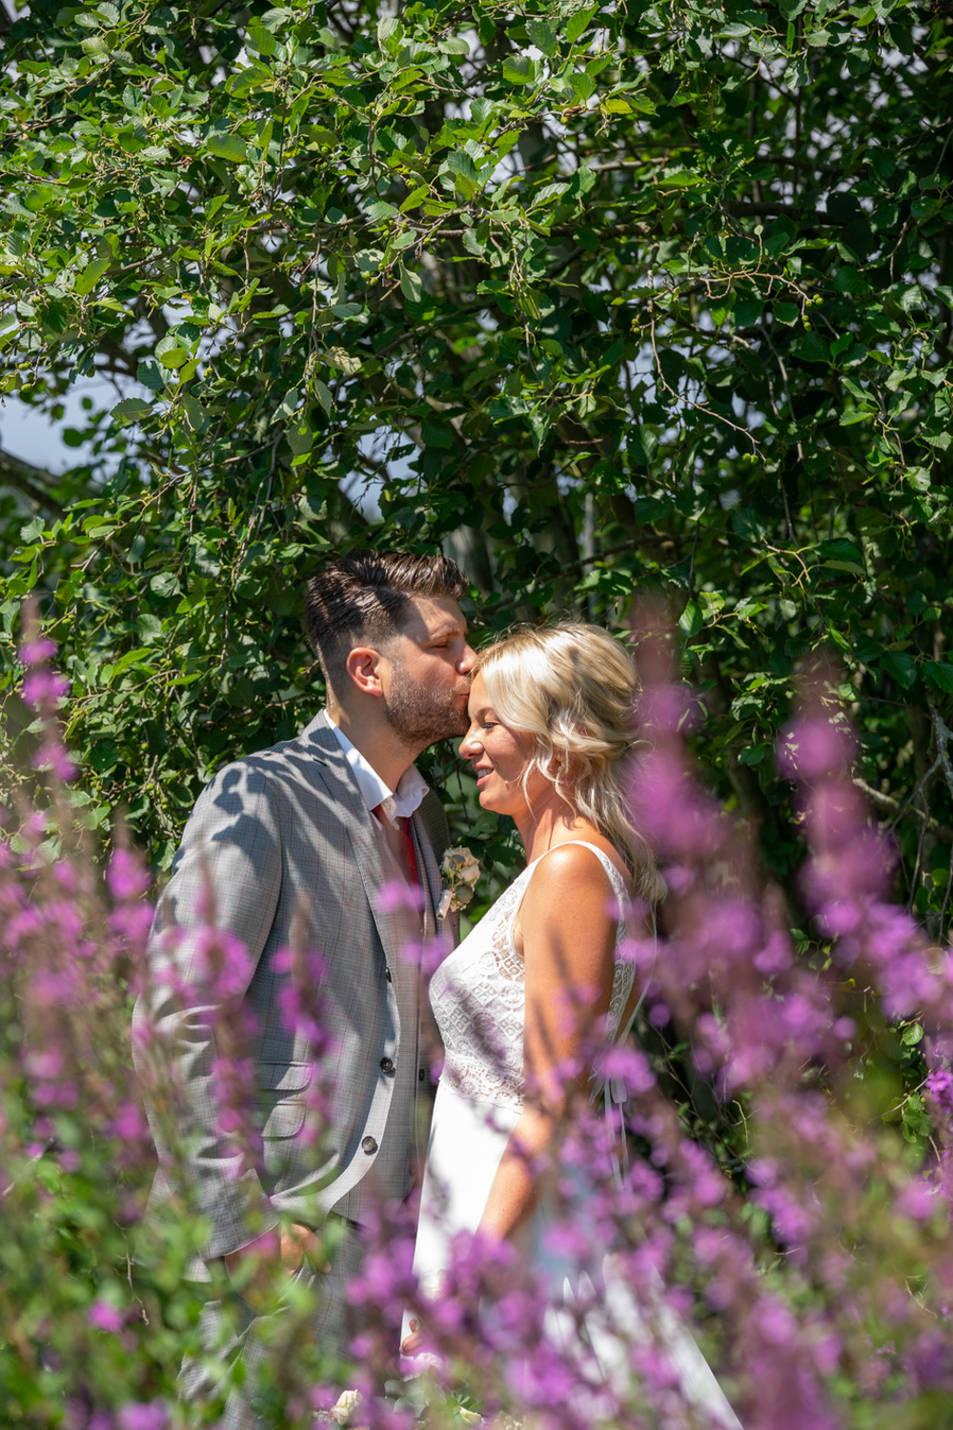 353-Schaden_Hochzeit_04.08.2018.jpg